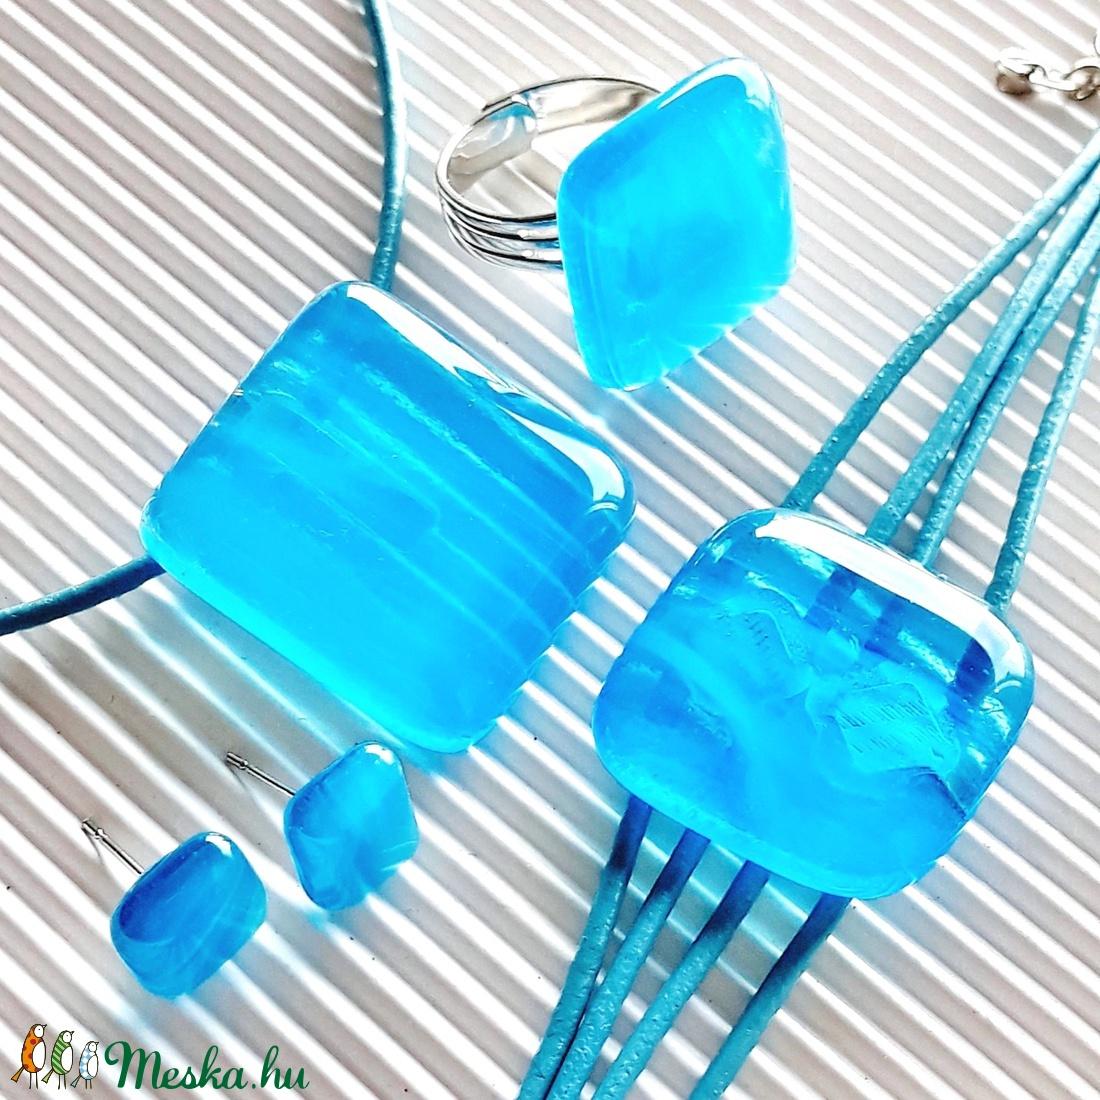 Égszínkék tükörfény üveg medál, karkötő, gyűrű és fülbevaló, üvegékszer szett - ékszer - ékszerszett - Meska.hu